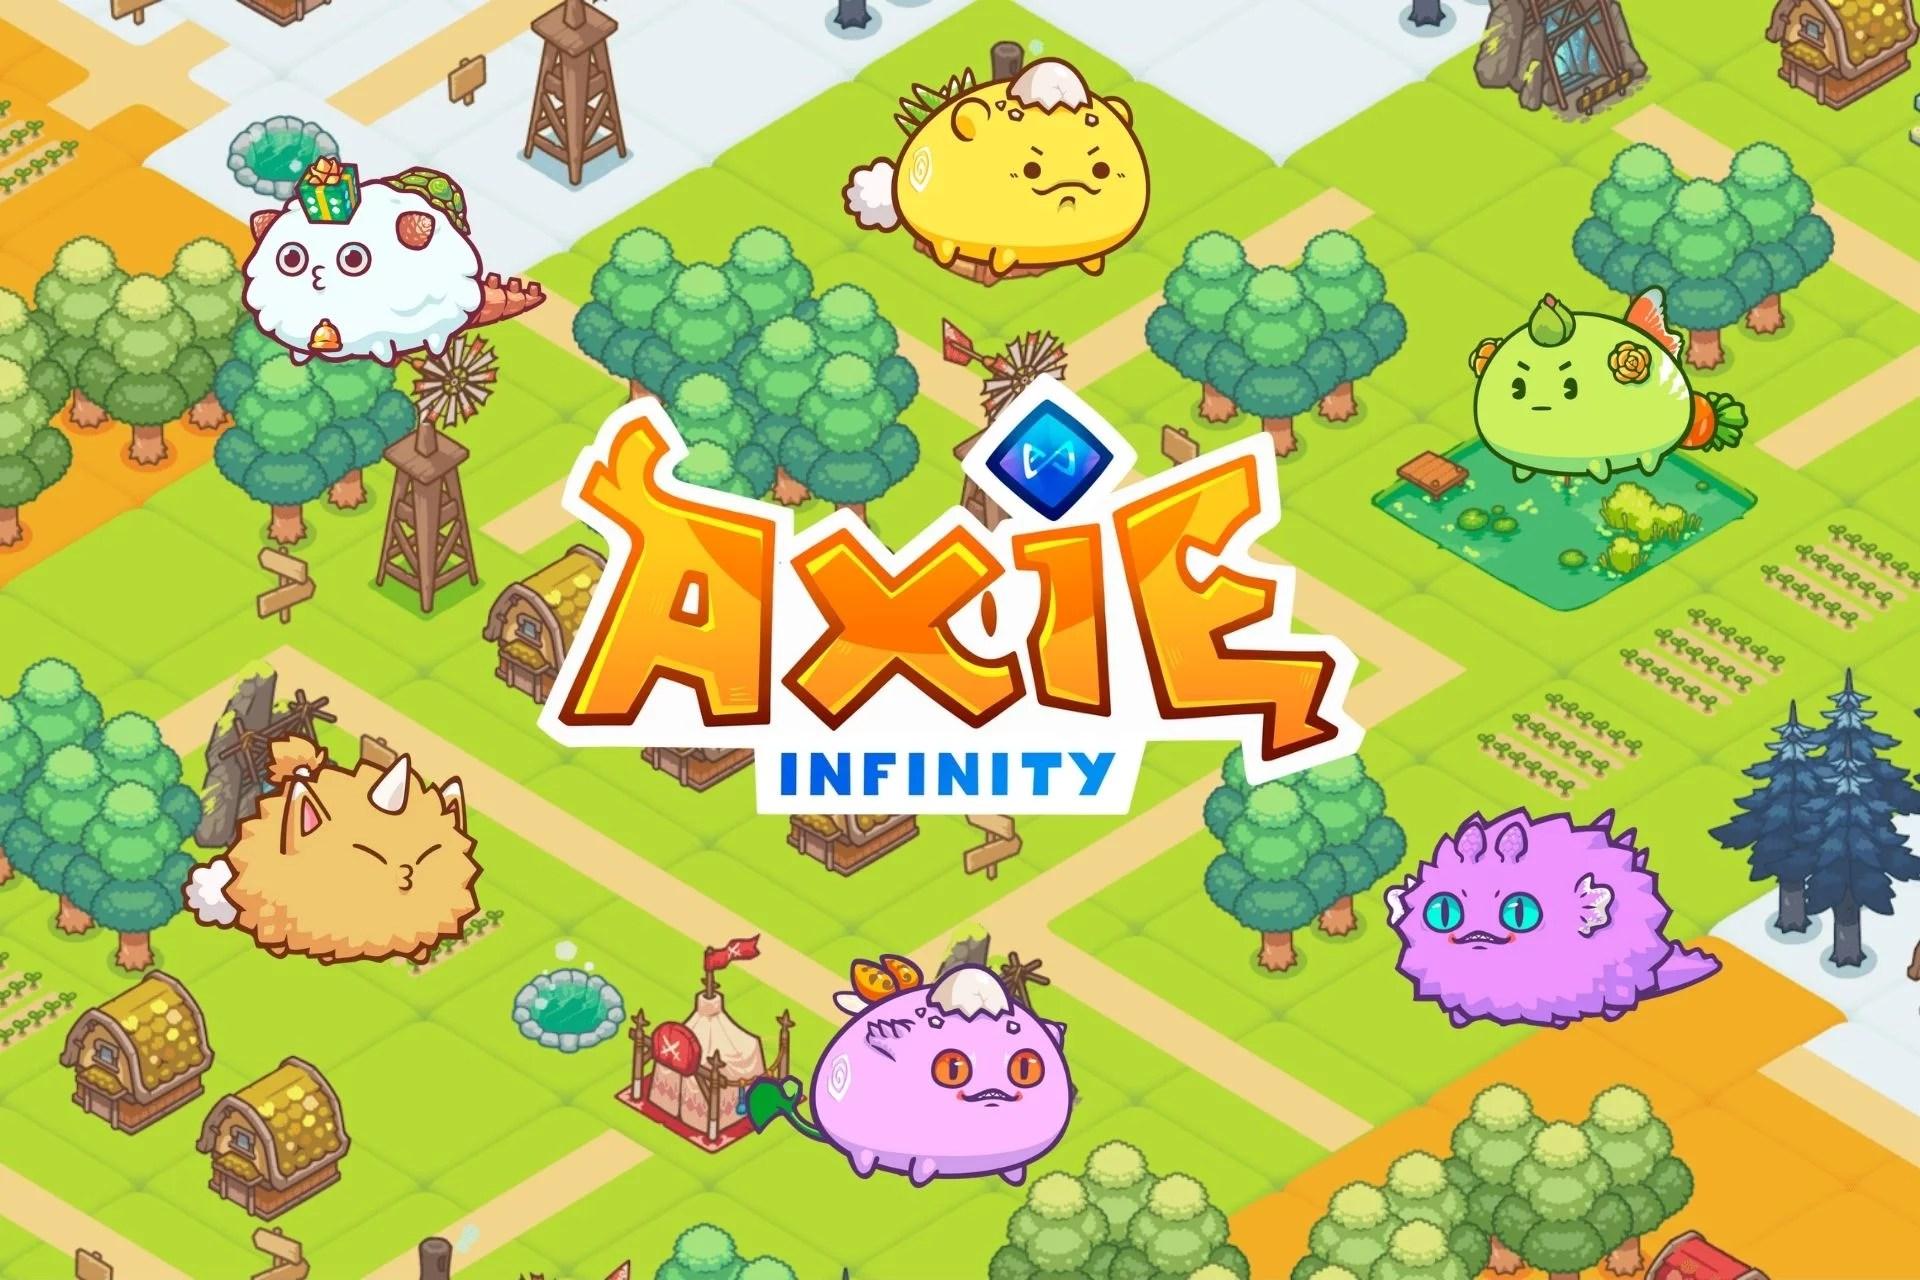 Platzi lanza un curso educativo sobre Axie Infinity, mientras que el juego habilitó el staking de su token AXS y alcanzó un nuevo máximo histórico